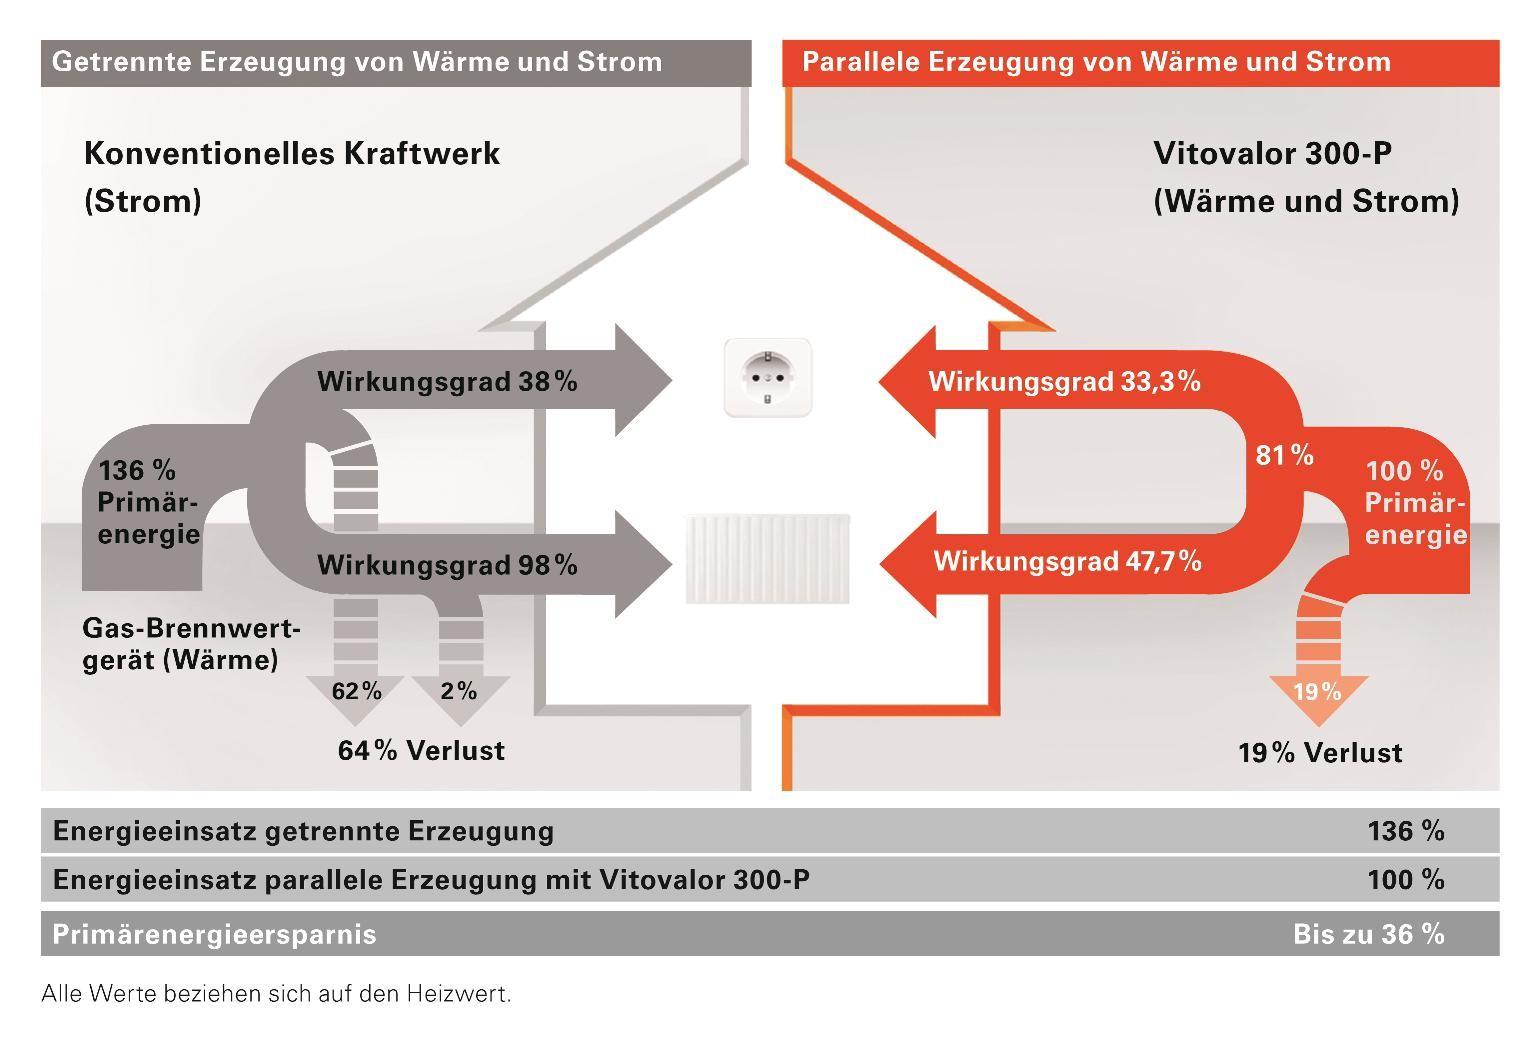 Abb.: Viessmann Werke GmbH & Co. KG